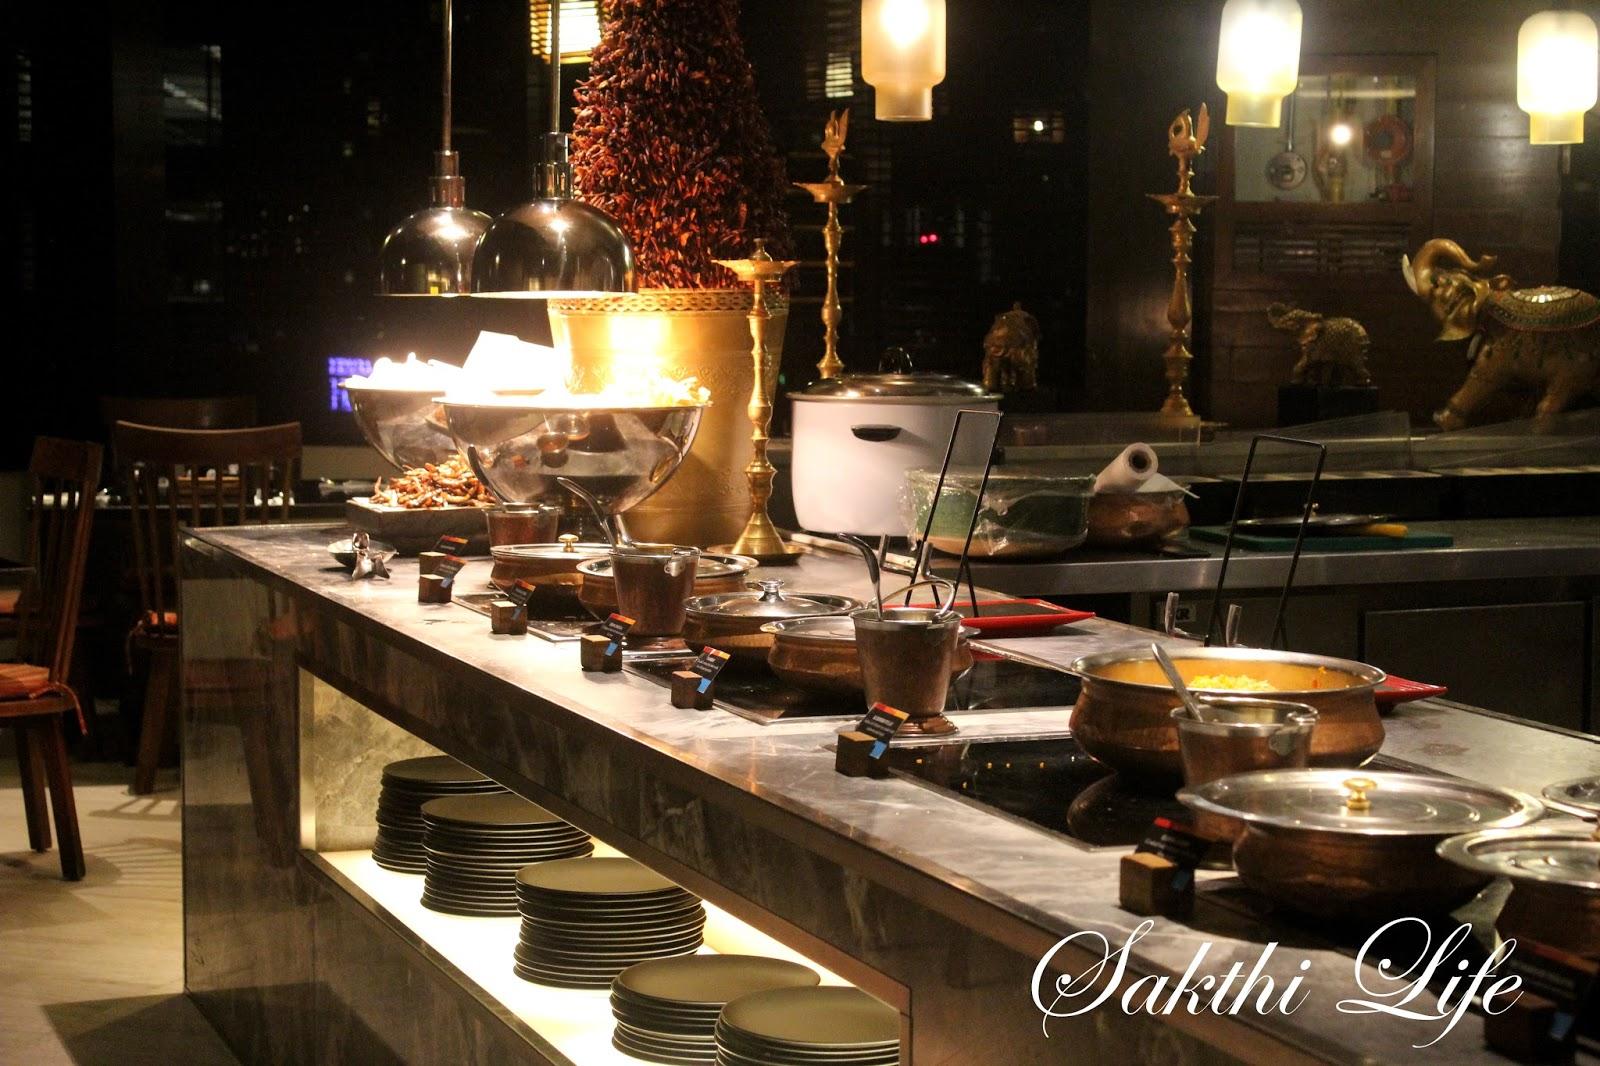 Makan Kitchen Doubletree By Hilton Hotel Kuala Lumpur